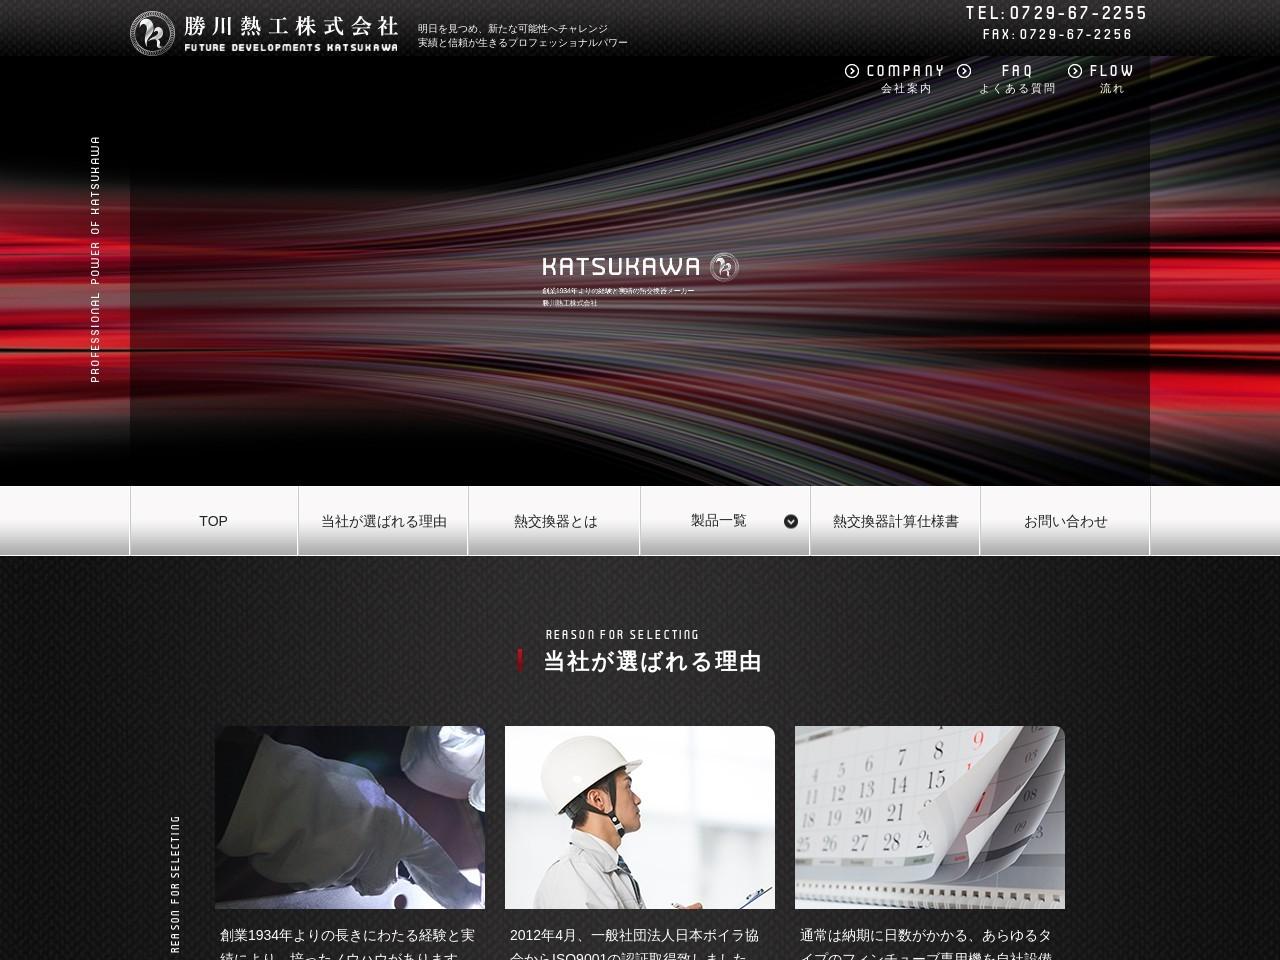 勝川熱工株式会社